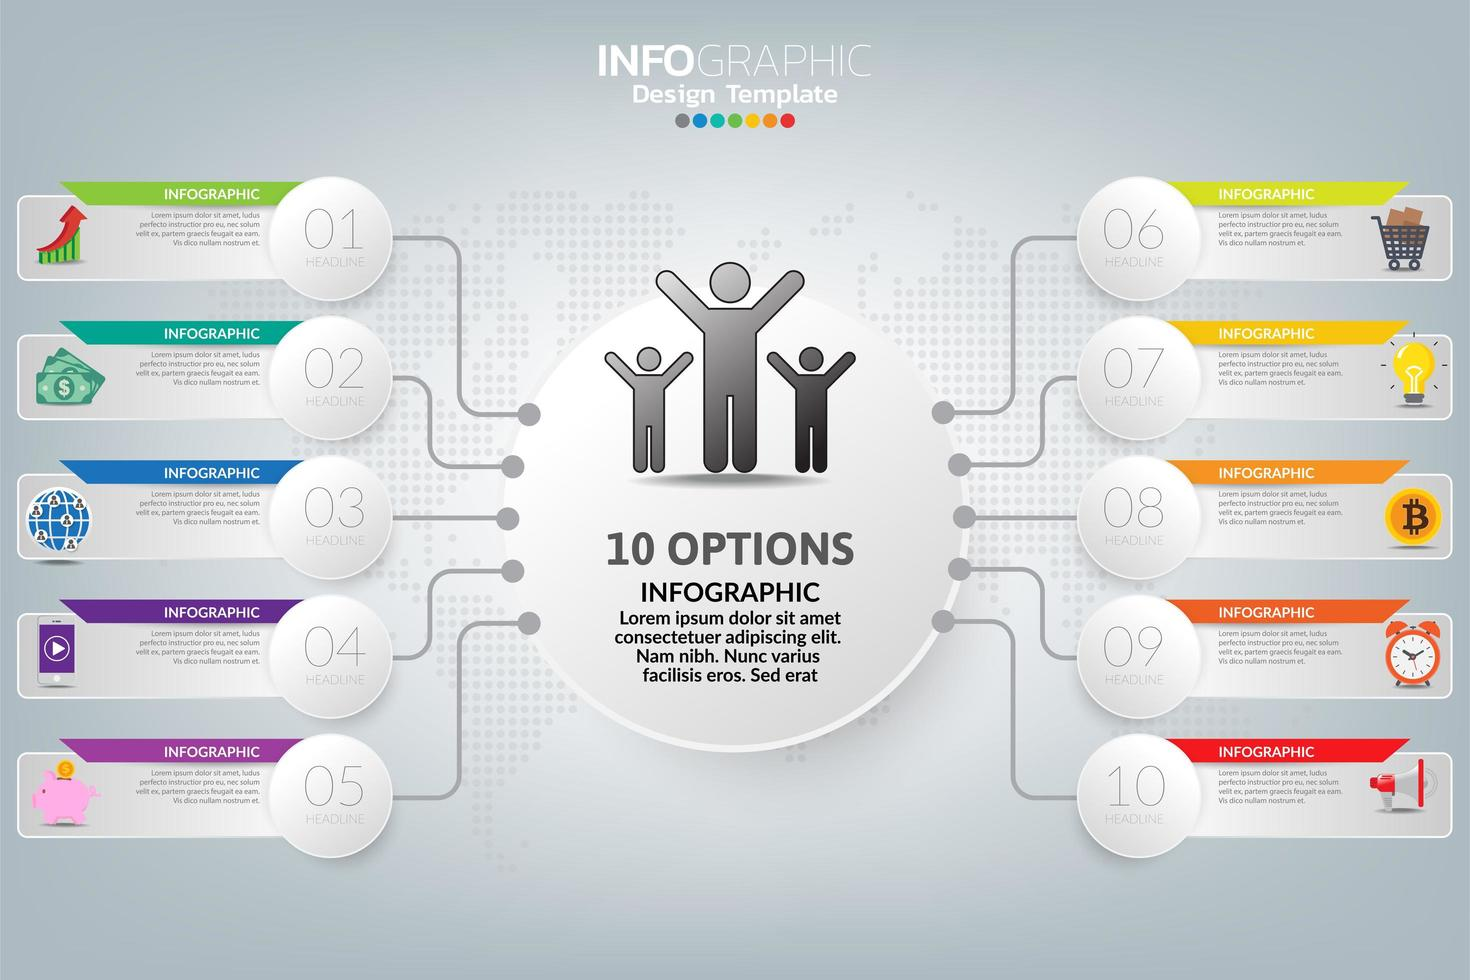 Il vettore e le icone di progettazione infografica possono essere utilizzati per layout del flusso di lavoro, diagramma, report, web design. concetto di business con opzioni, passaggi o processi.